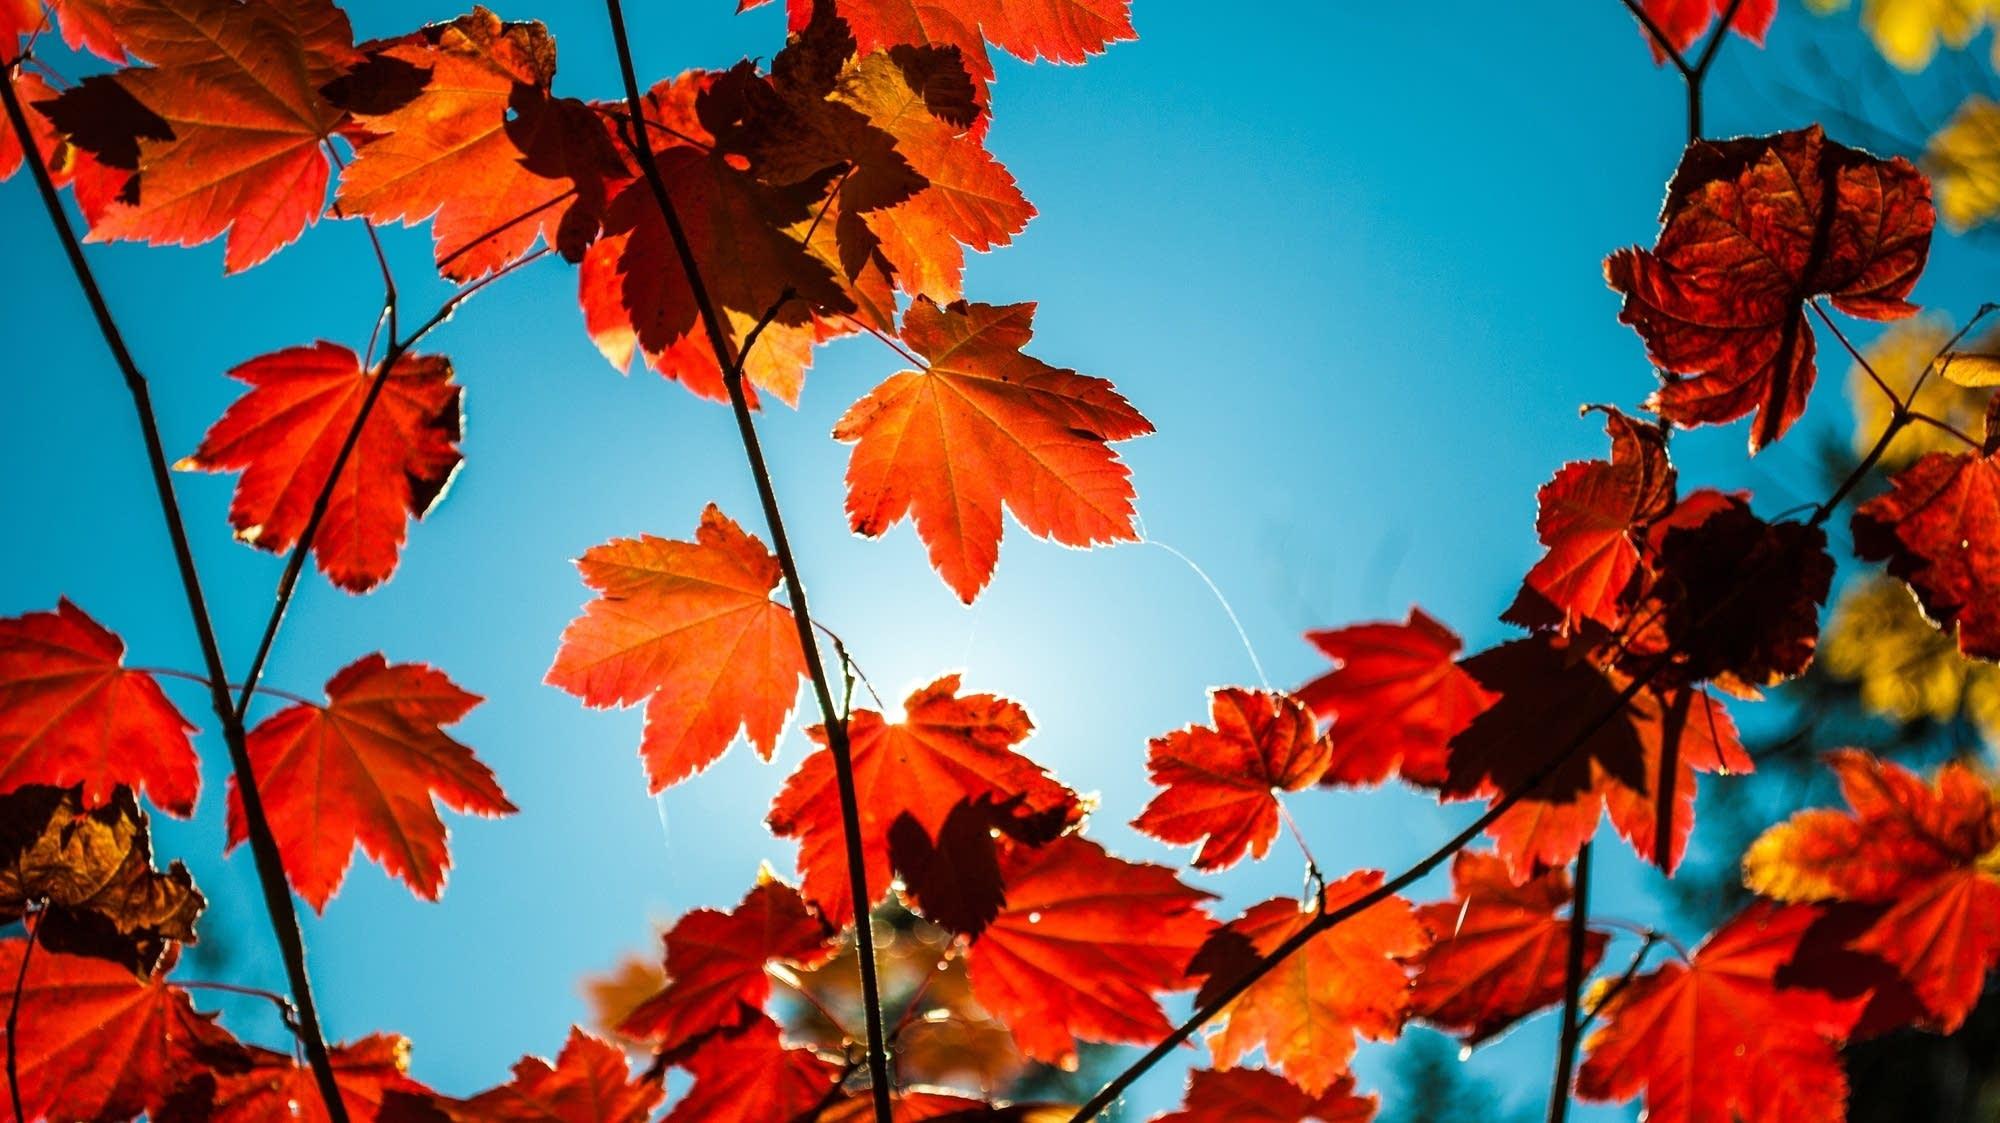 Lá phong đỏ mùa thu và nền trời xanh biếc